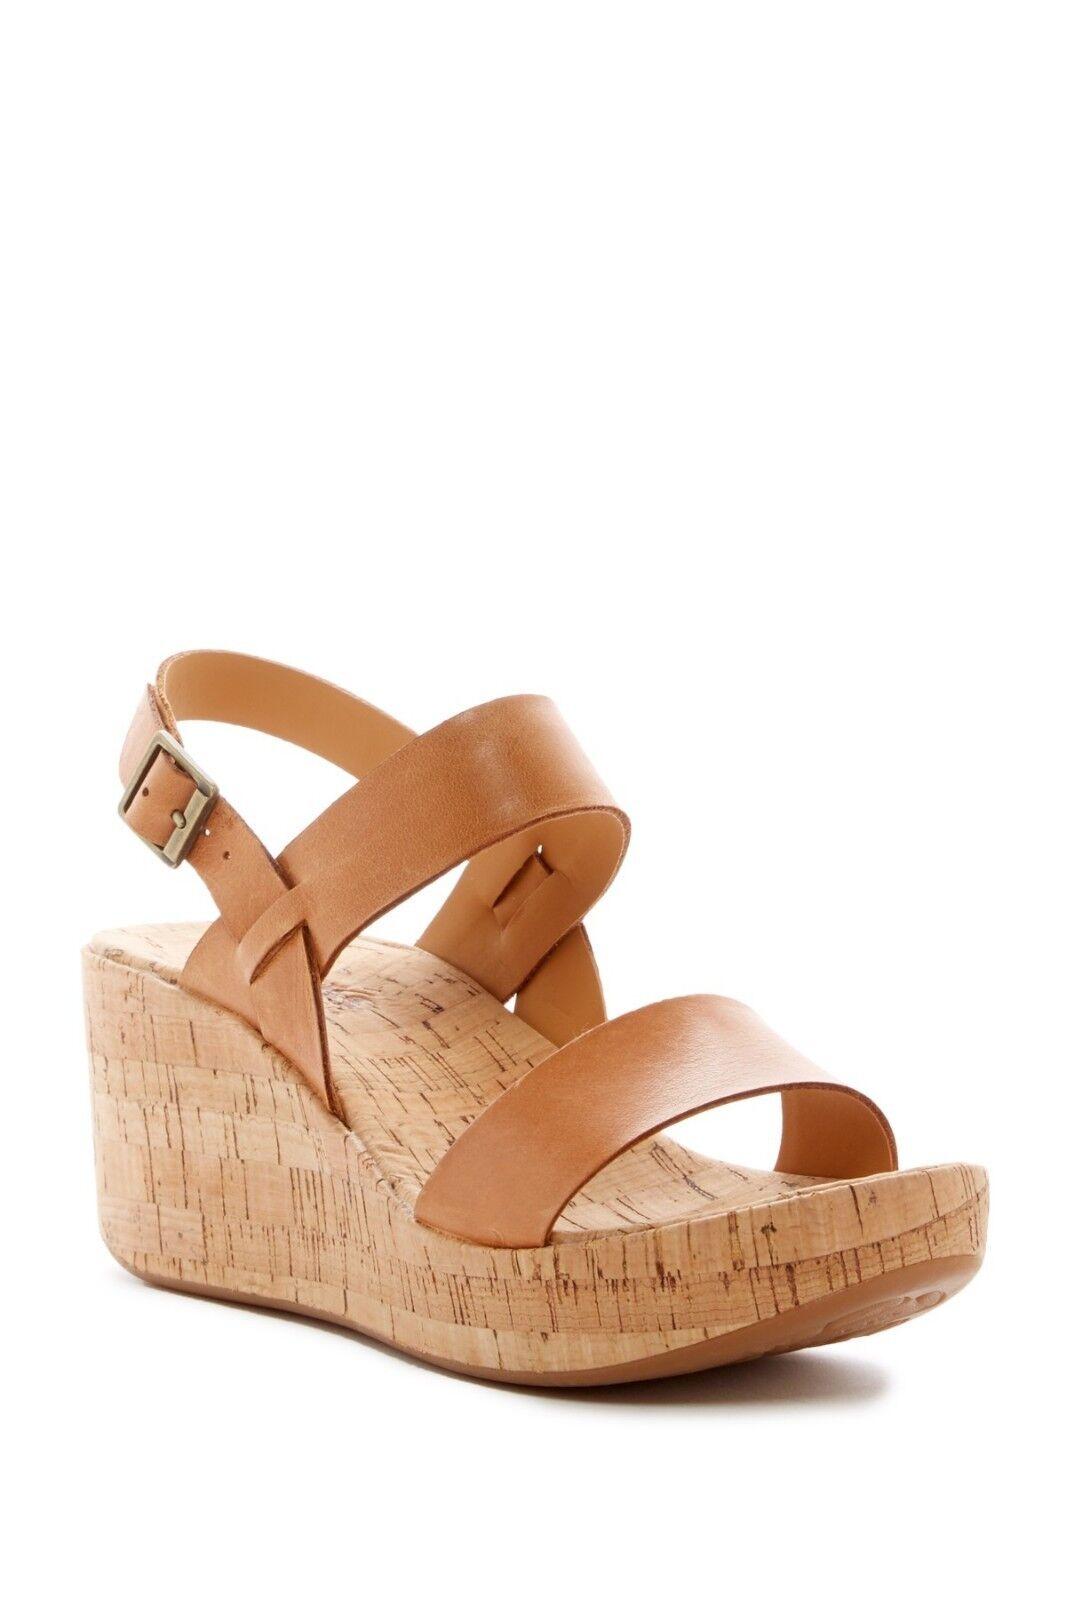 NEW KORKS Tome Platform Brown, Wedge Leather Sandal, Light Brown, Platform Size Women 10 07a427